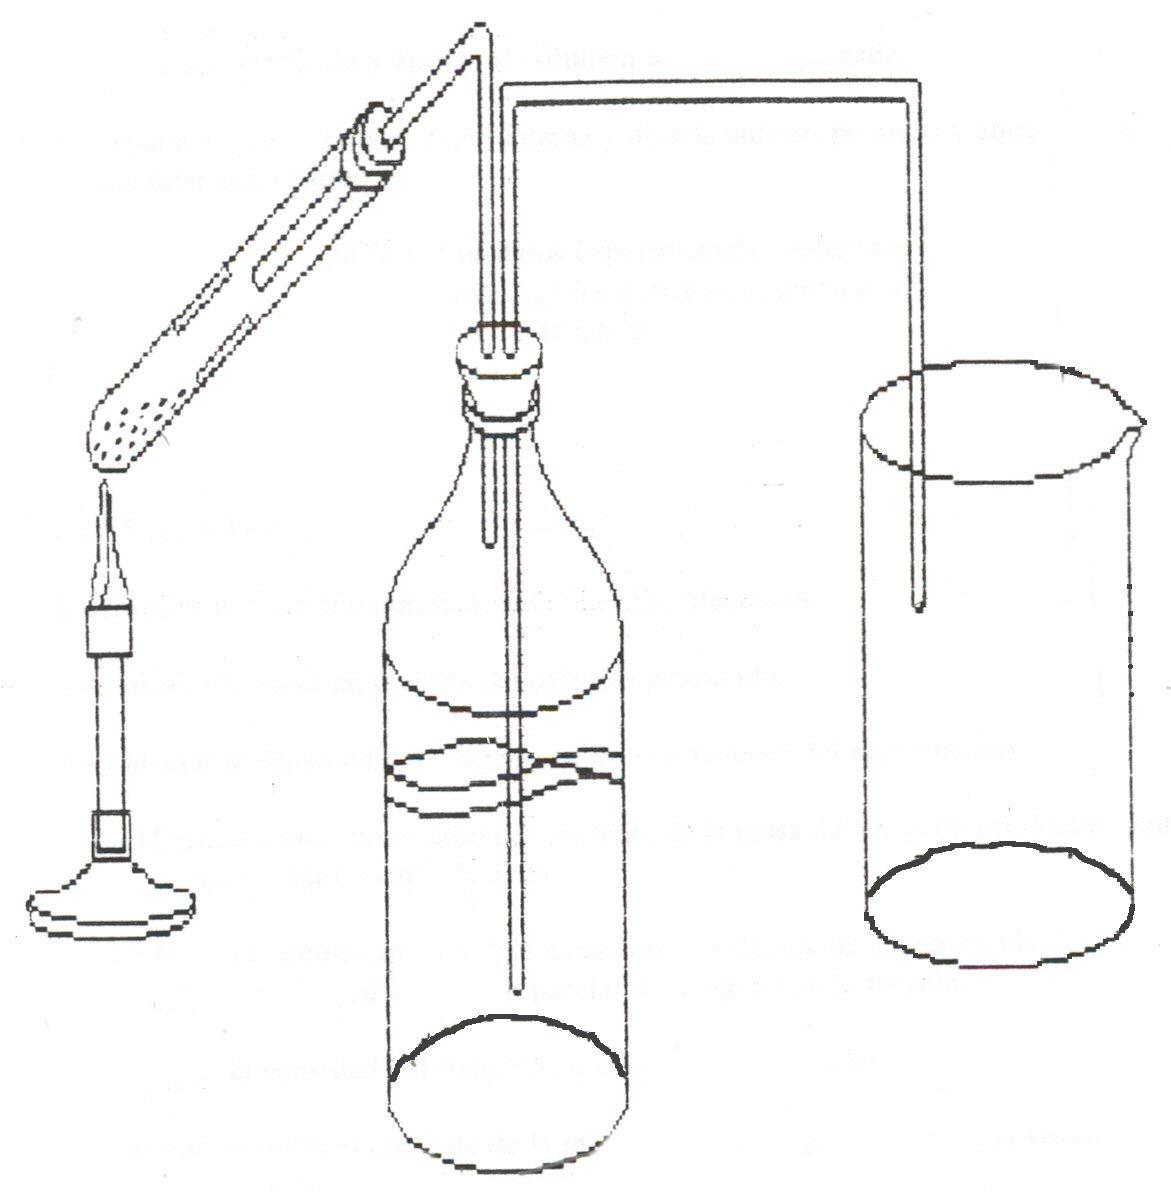 'Aplicación de procesos químicos industriales'